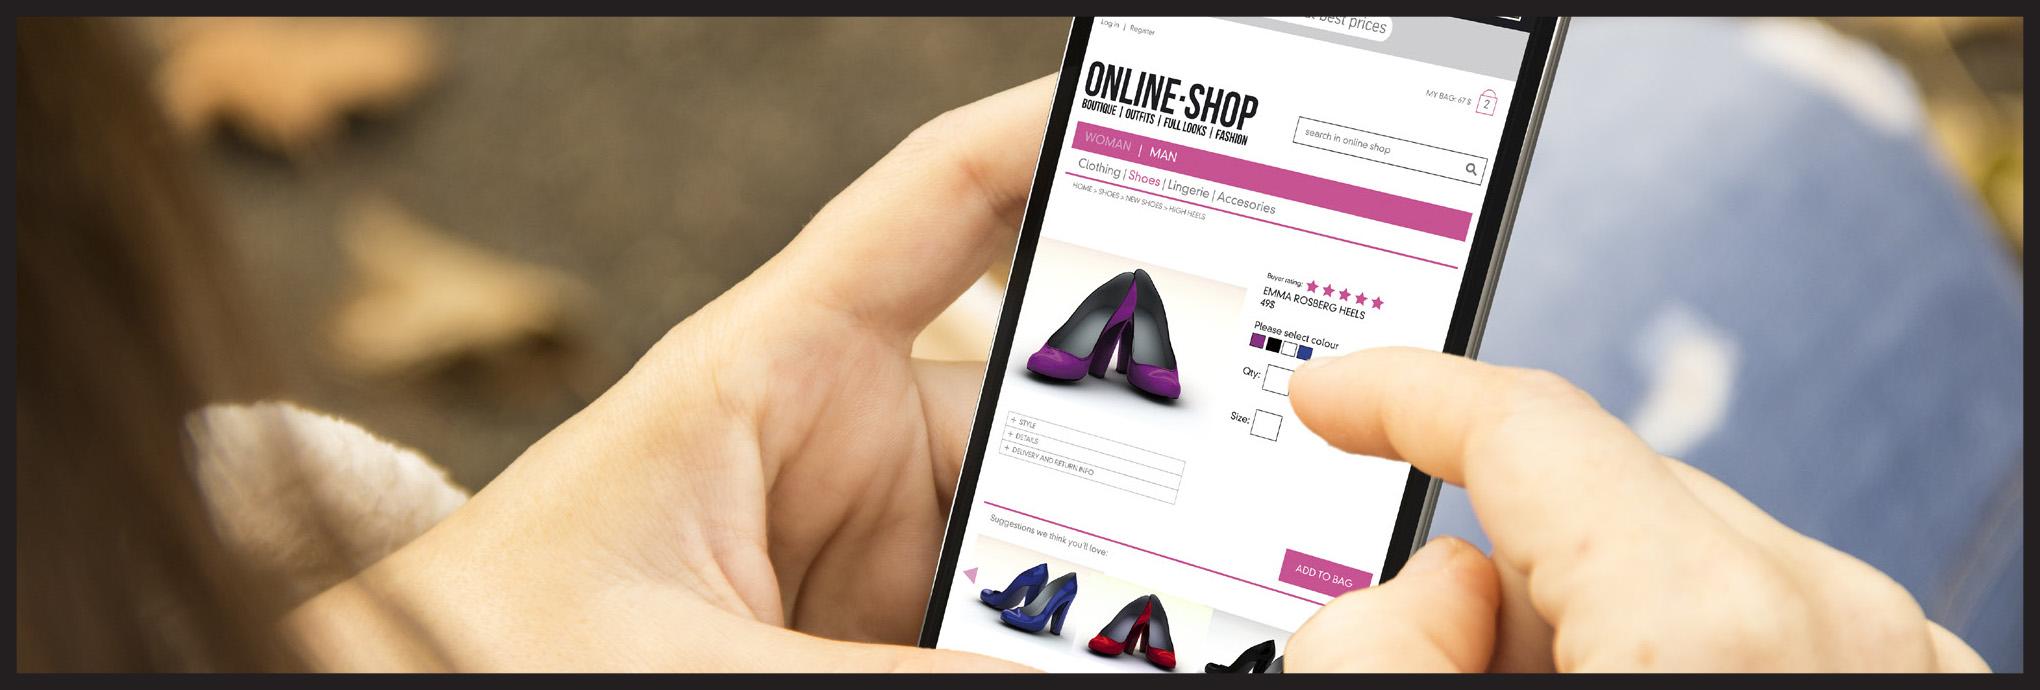 women-online-shopping-on-mobile